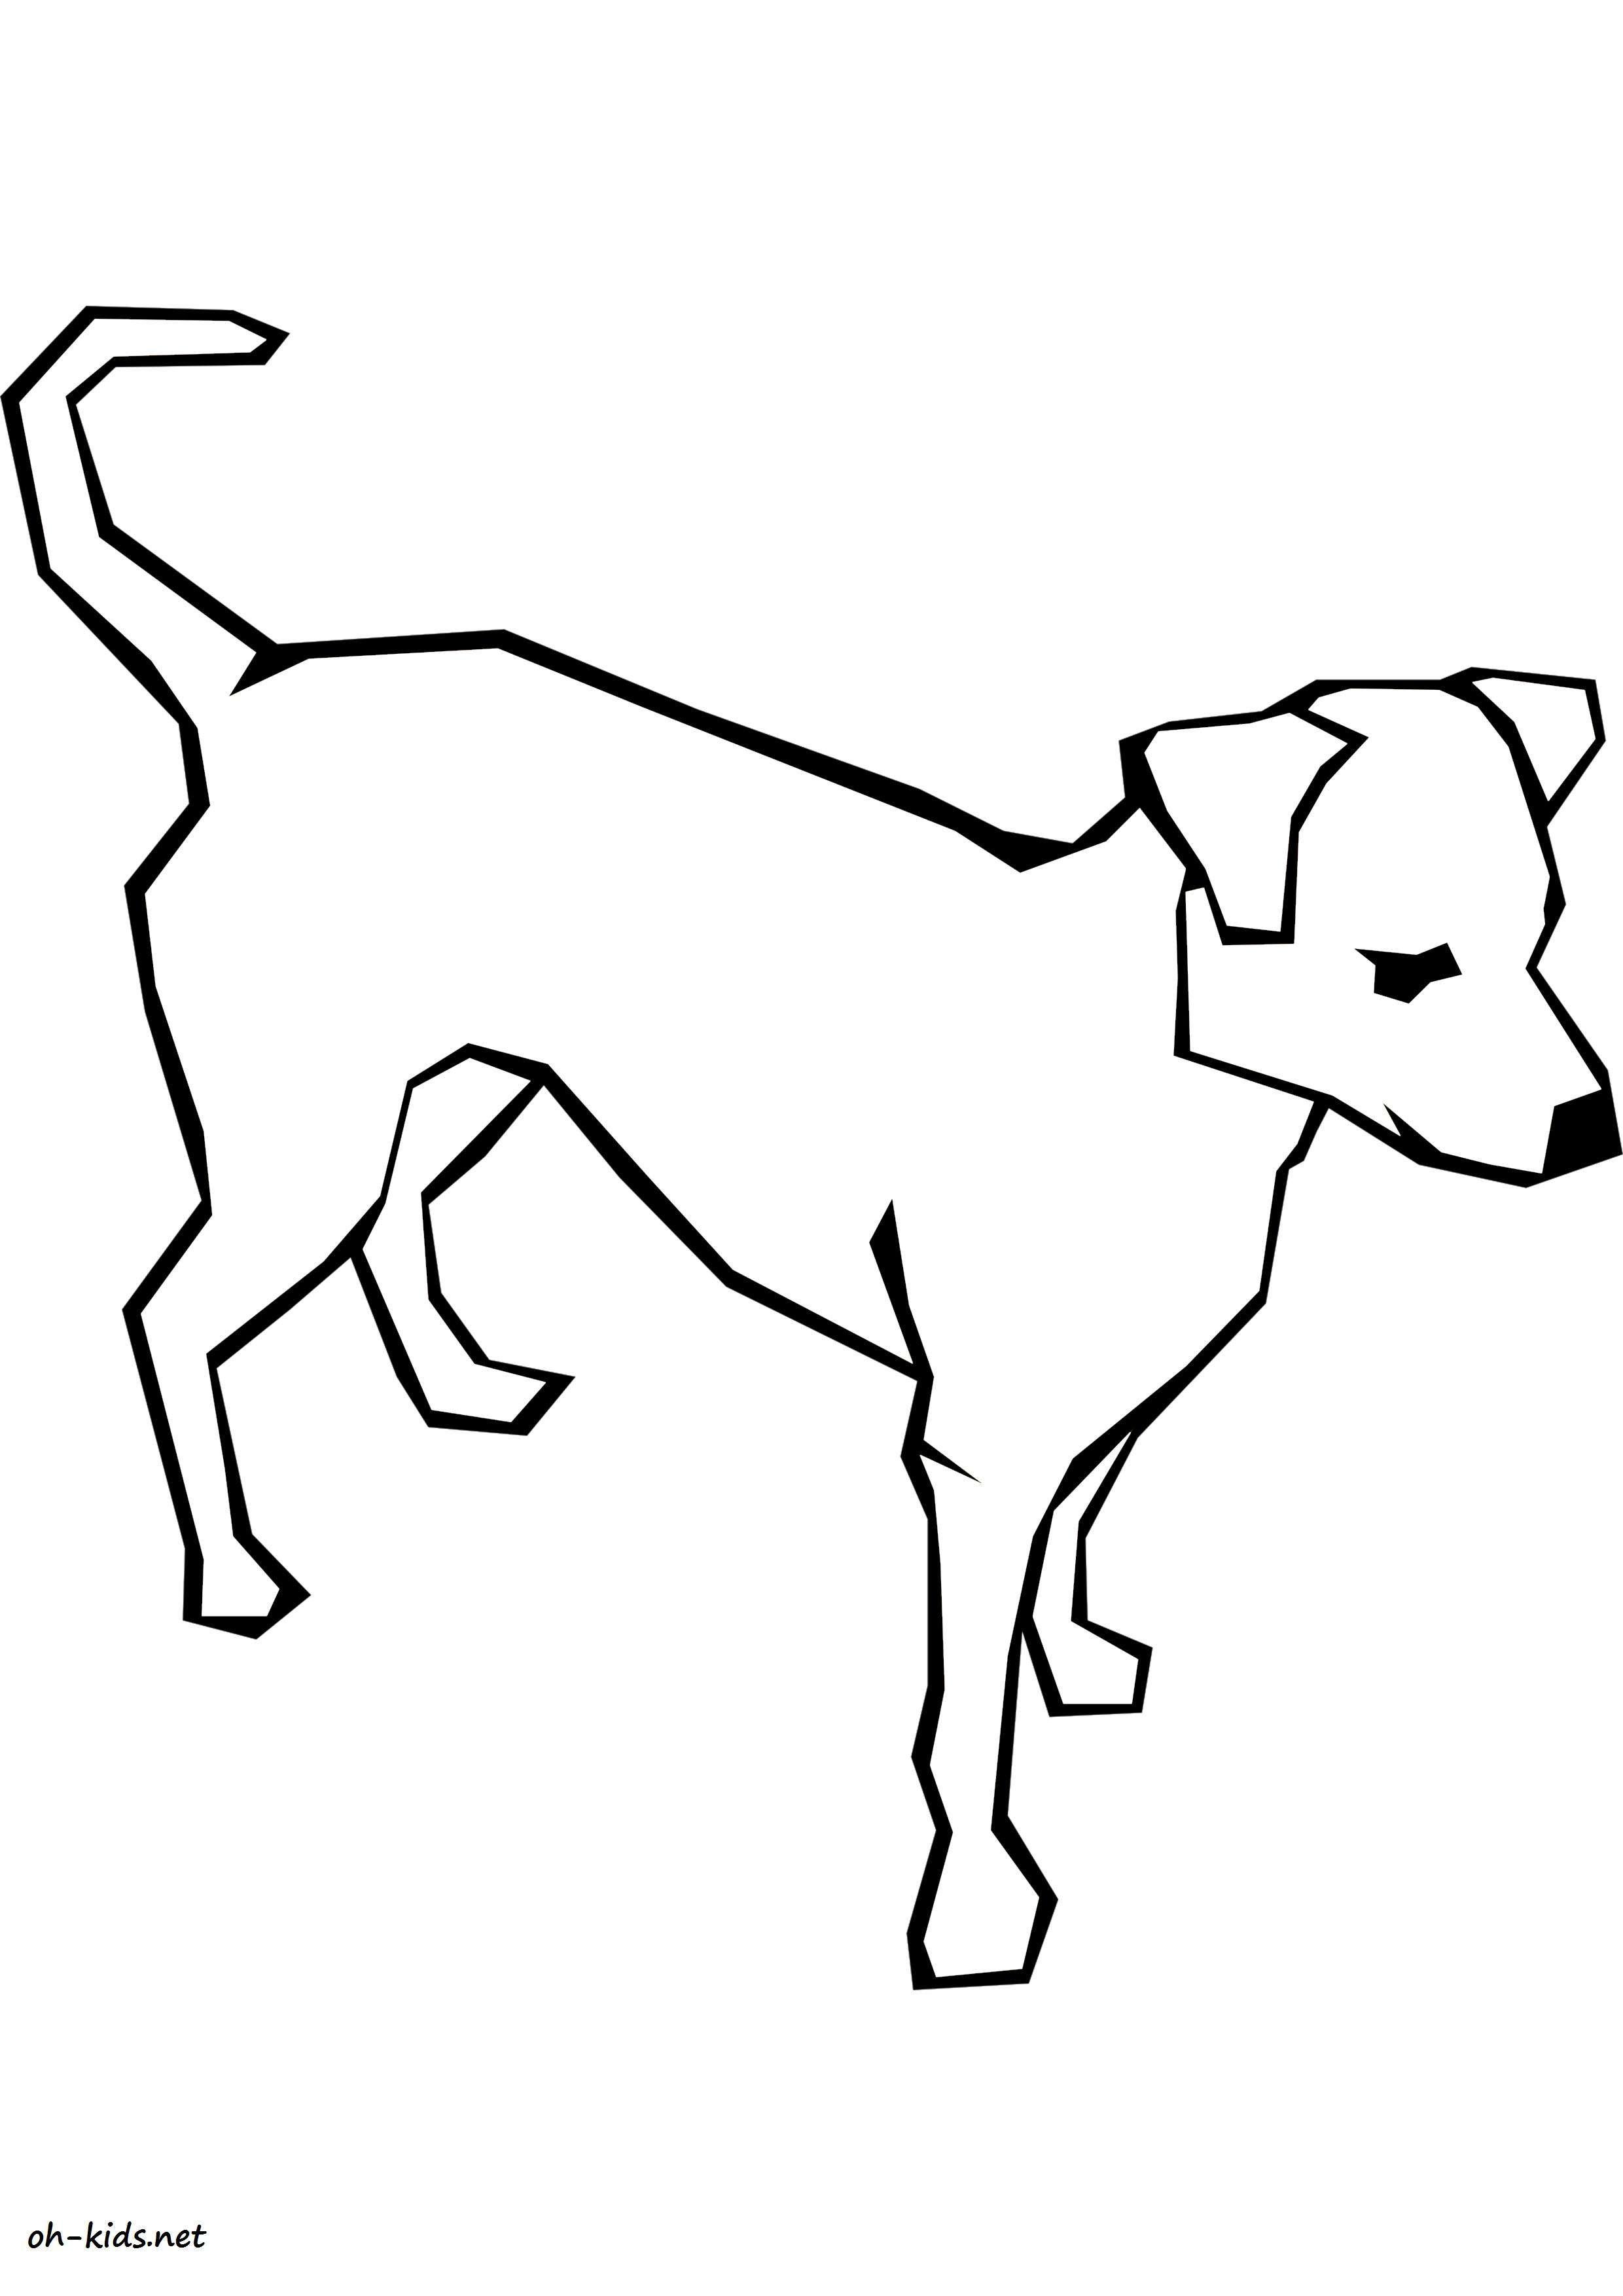 Dessin #1107 - Coloriage Labrador À Imprimer - Oh-Kids pour Coloriage Labrador